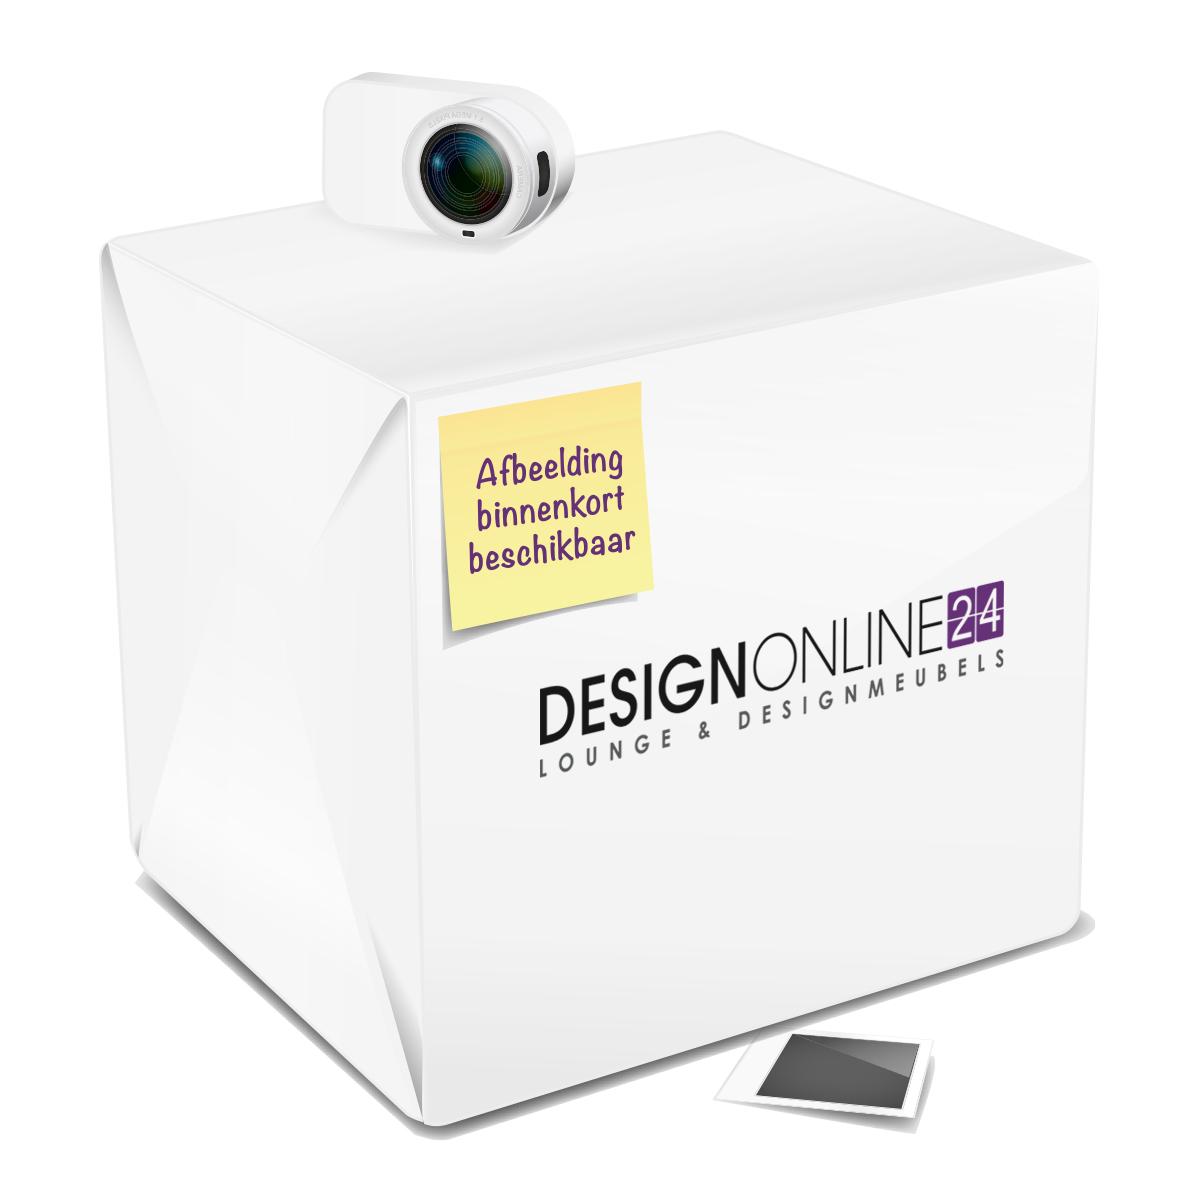 24Designs 24Designs Ligbed 1 persoons - Sandy - Verstelbaar - Zwart Polyrattan Wicker met Antraciet kussens